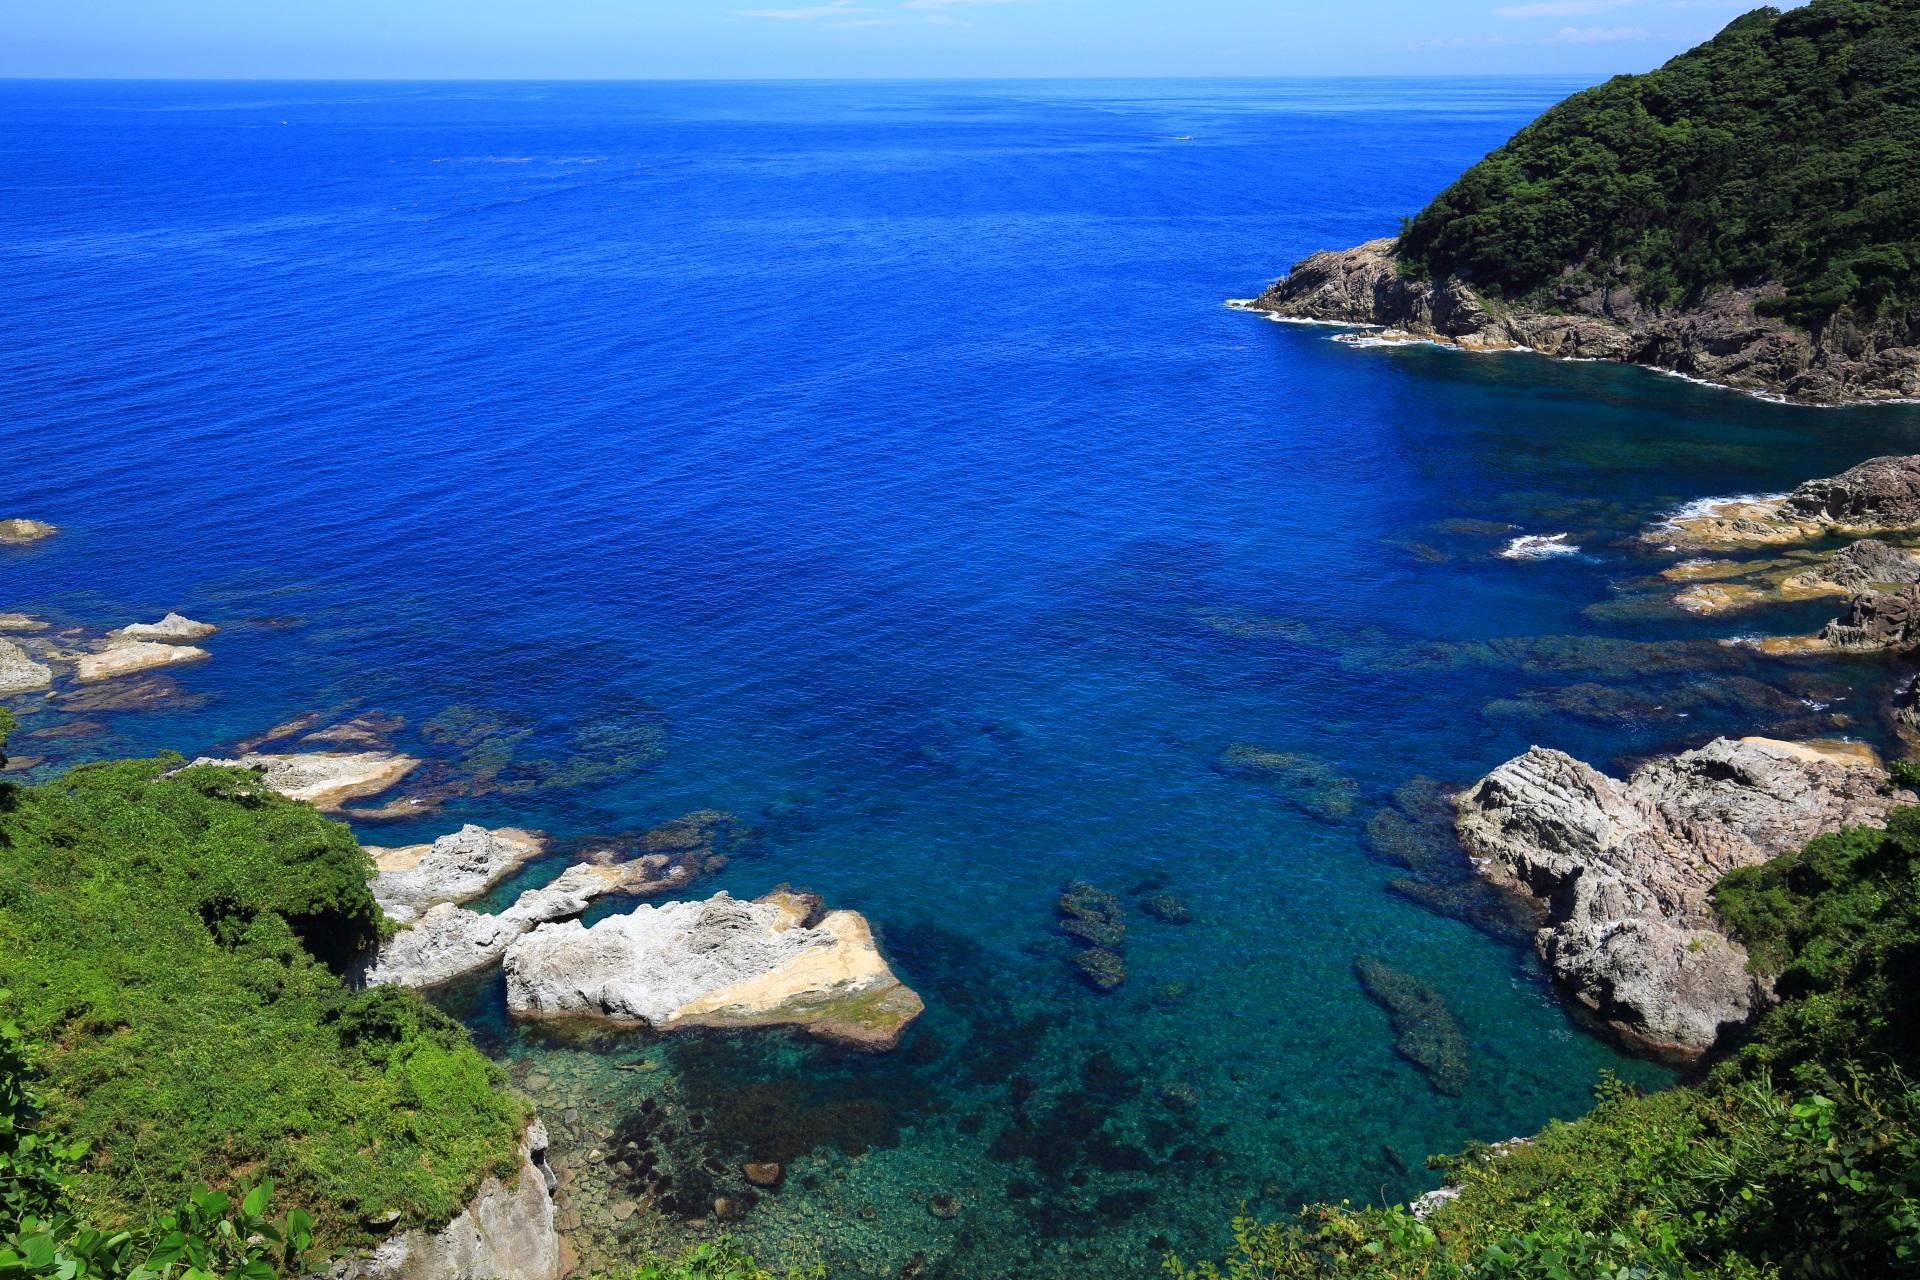 眼下に広がる丹後半島の青い海と海岸の絶景